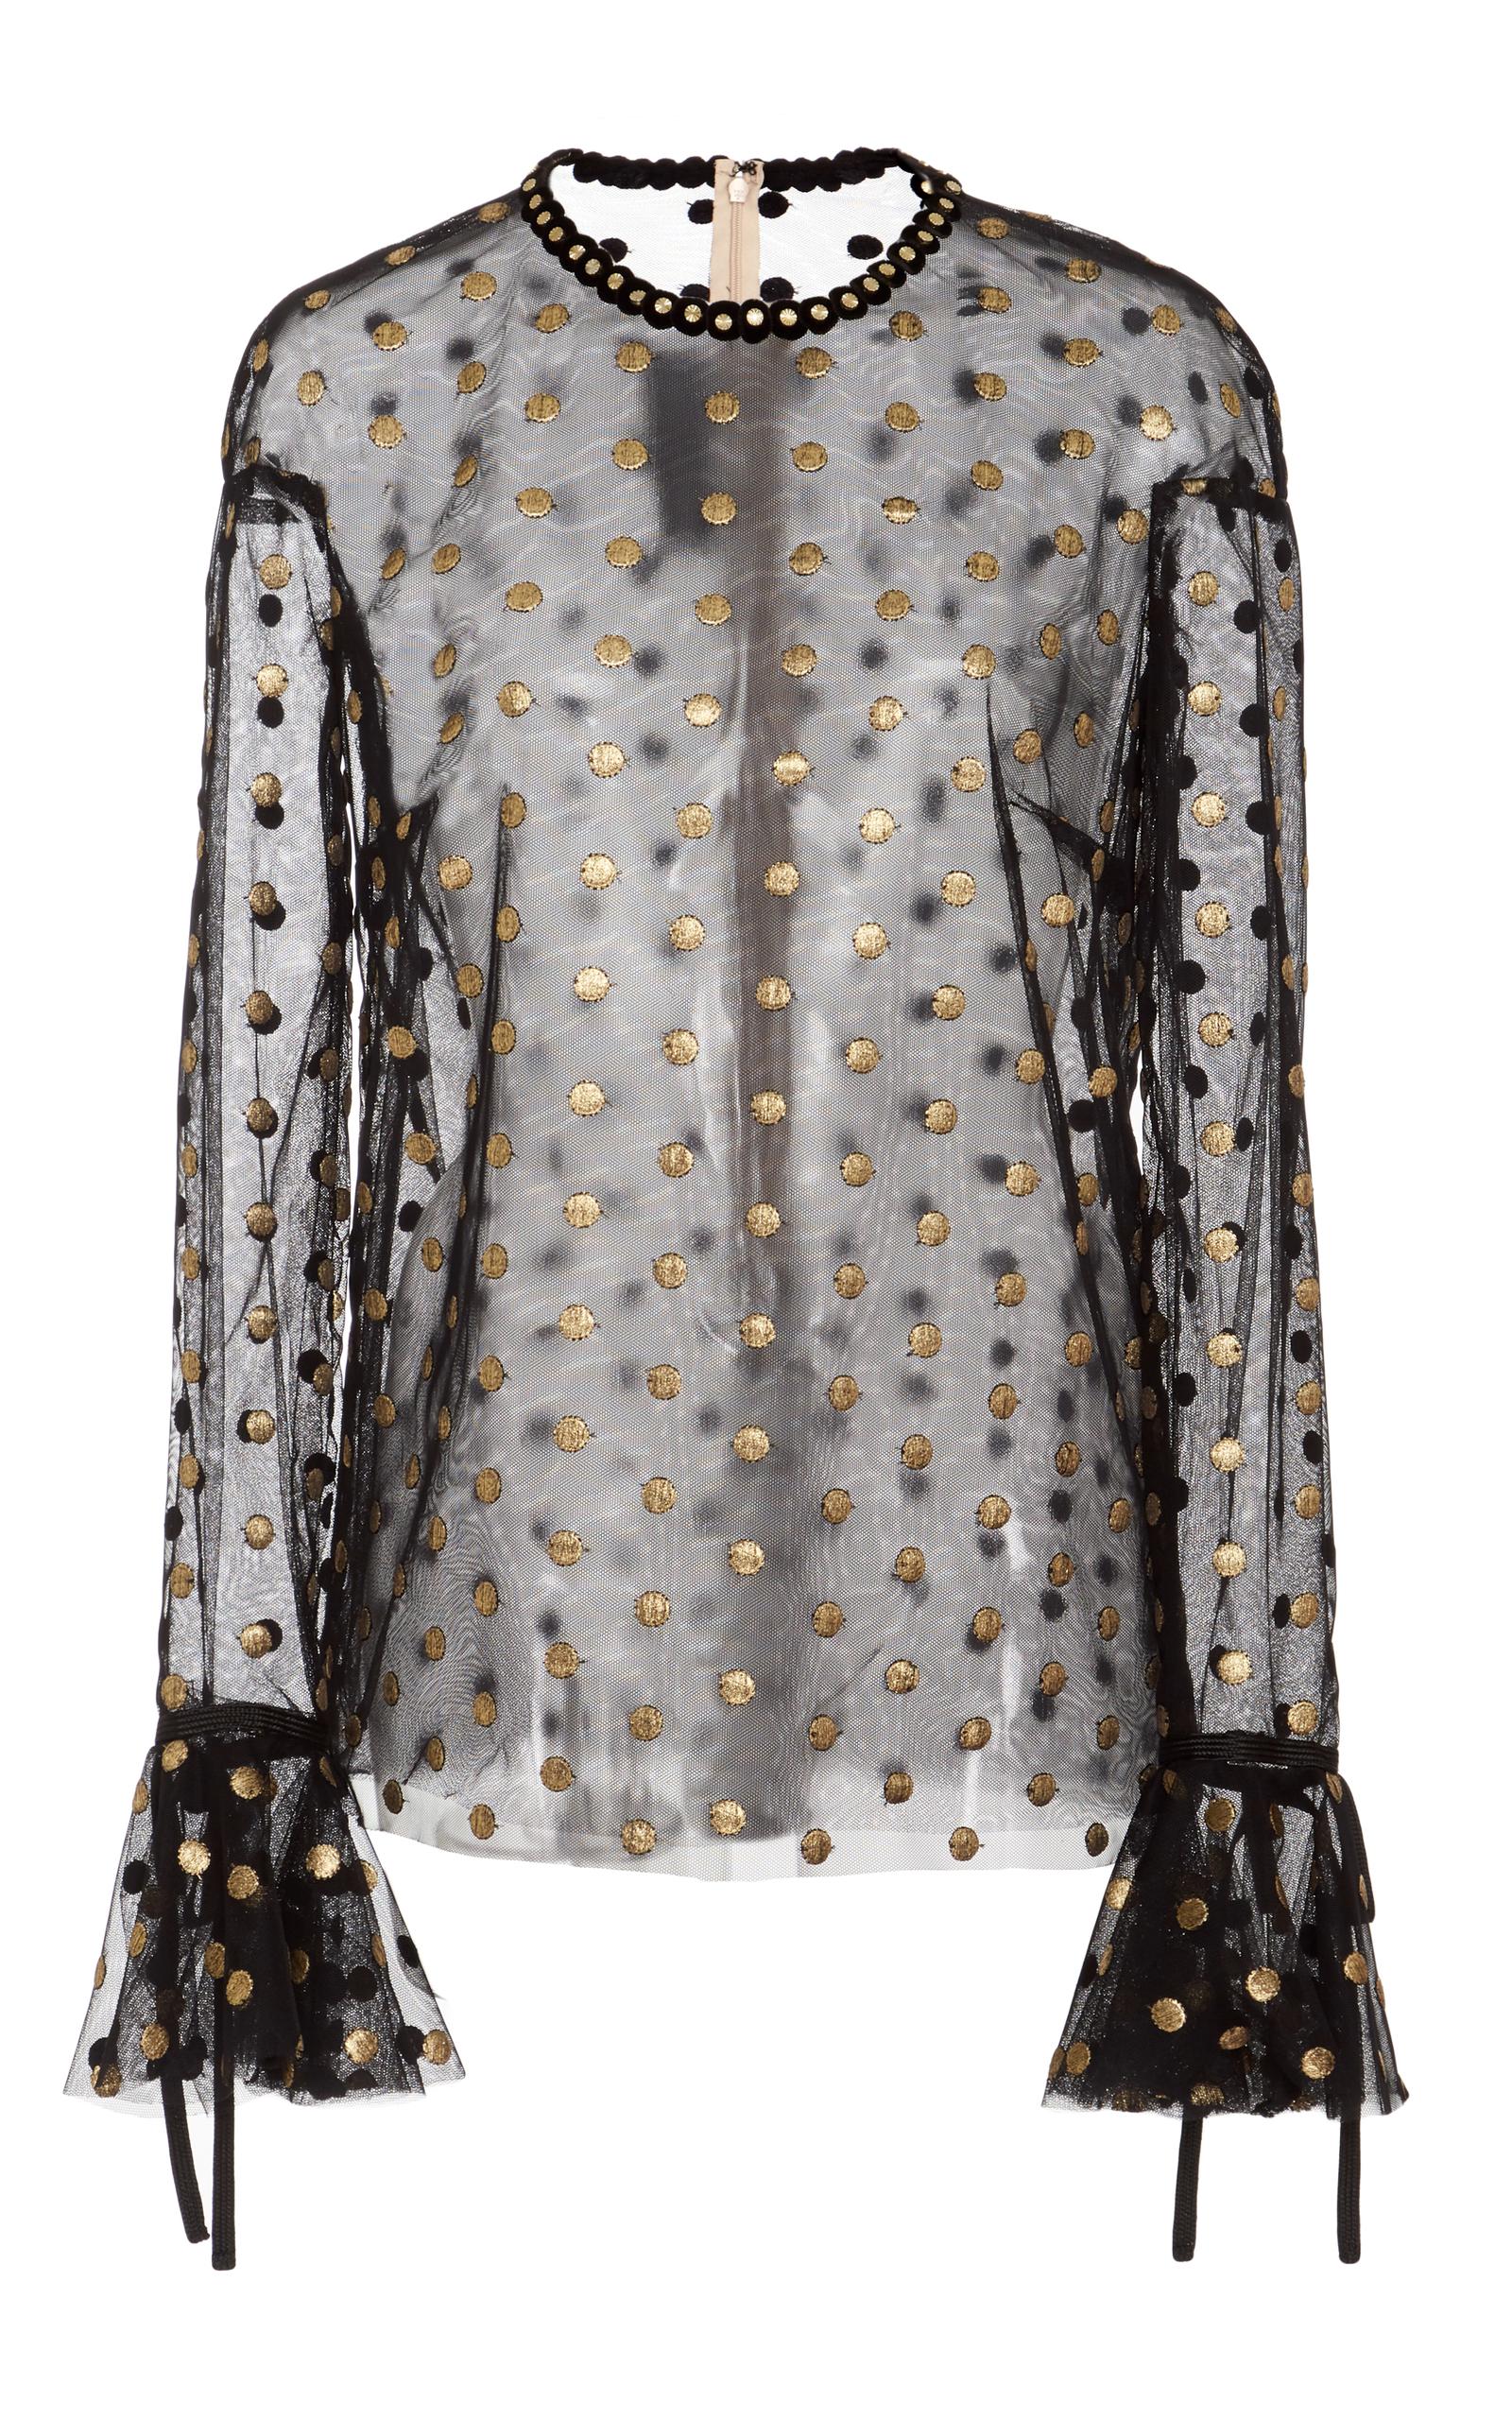 86594c8f23e6e5 Long Sleeve Sheer Blouse by Monique Lhuillier | Moda Operandi